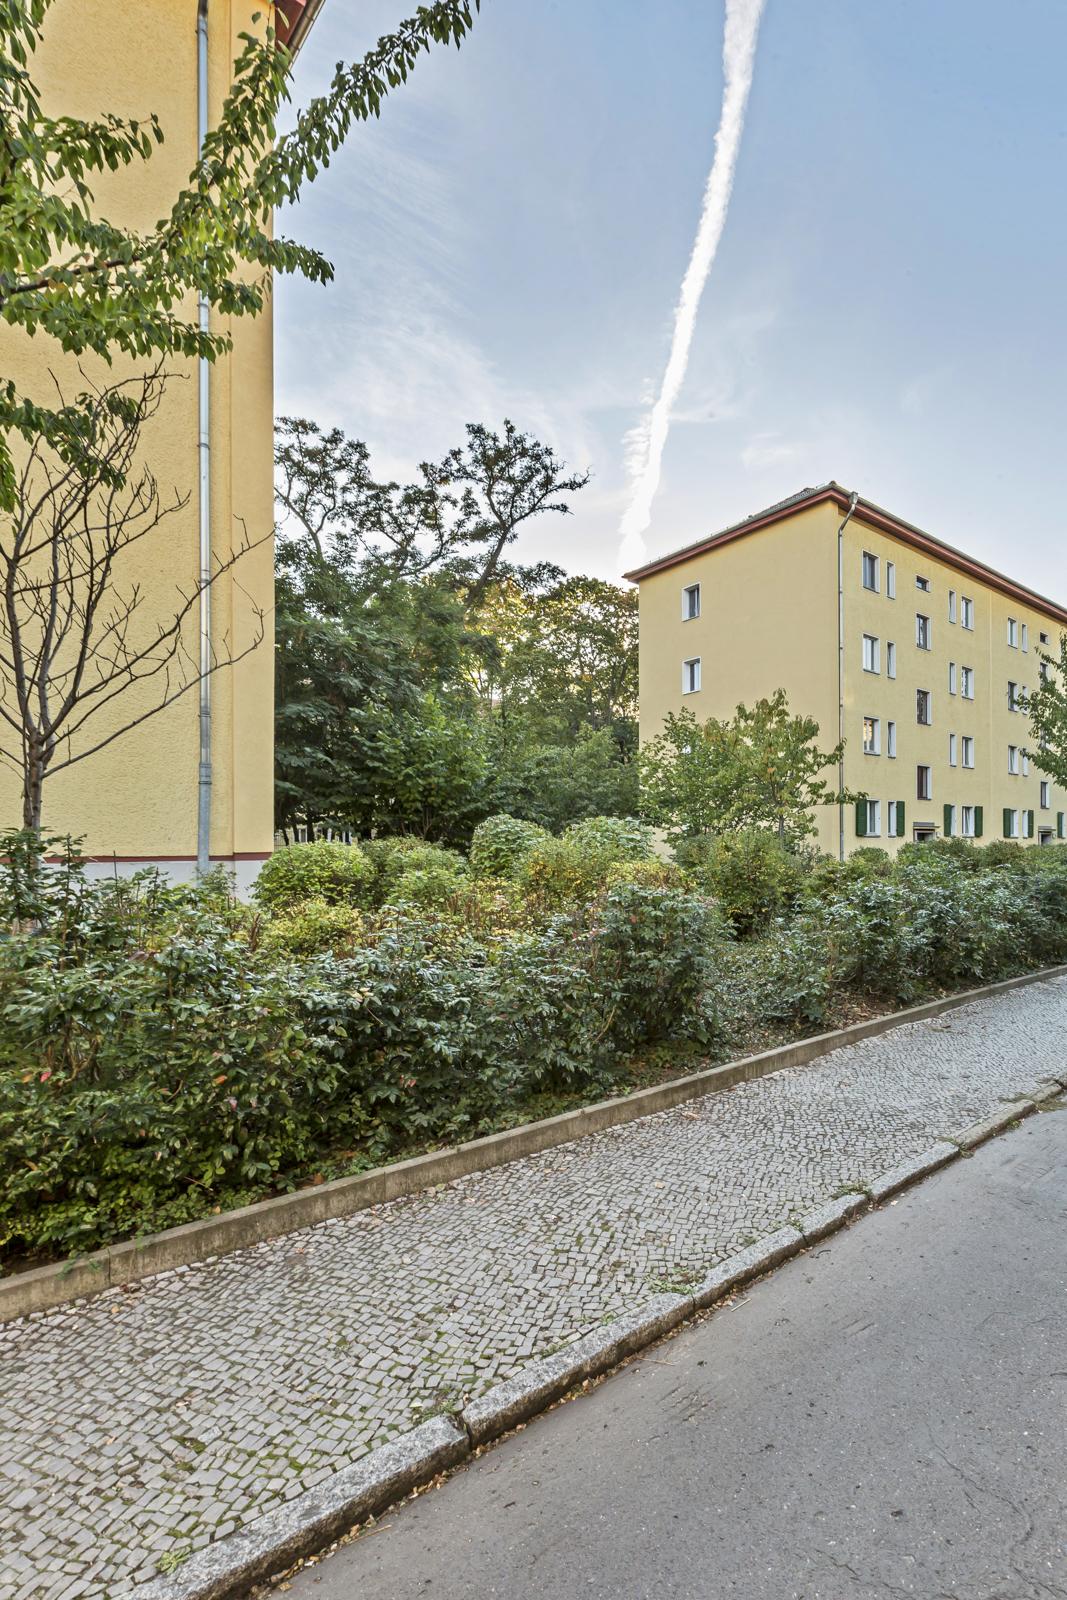 Ingo_Lawaczeck_Mähren_Lindenhoekweg_5-8